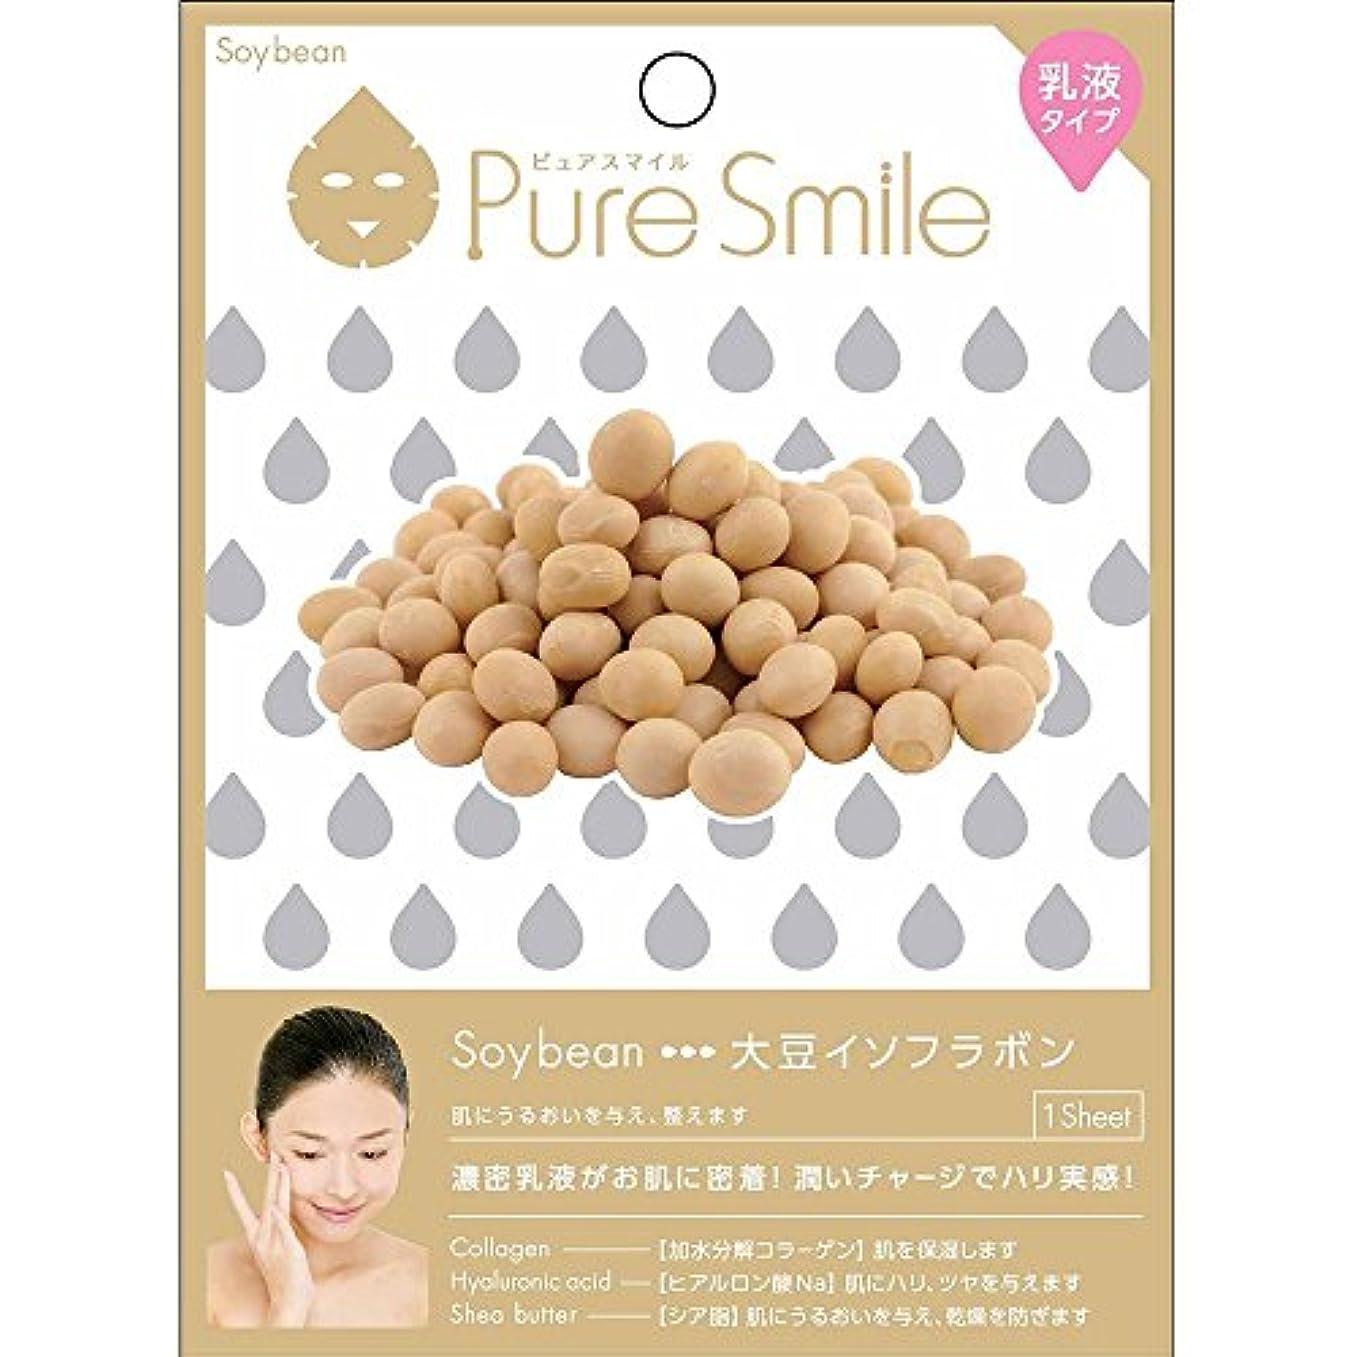 エレメンタル立ち寄る競合他社選手Pure Smile(ピュアスマイル) 乳液エッセンスマスク 1 枚 大豆イソフラボン